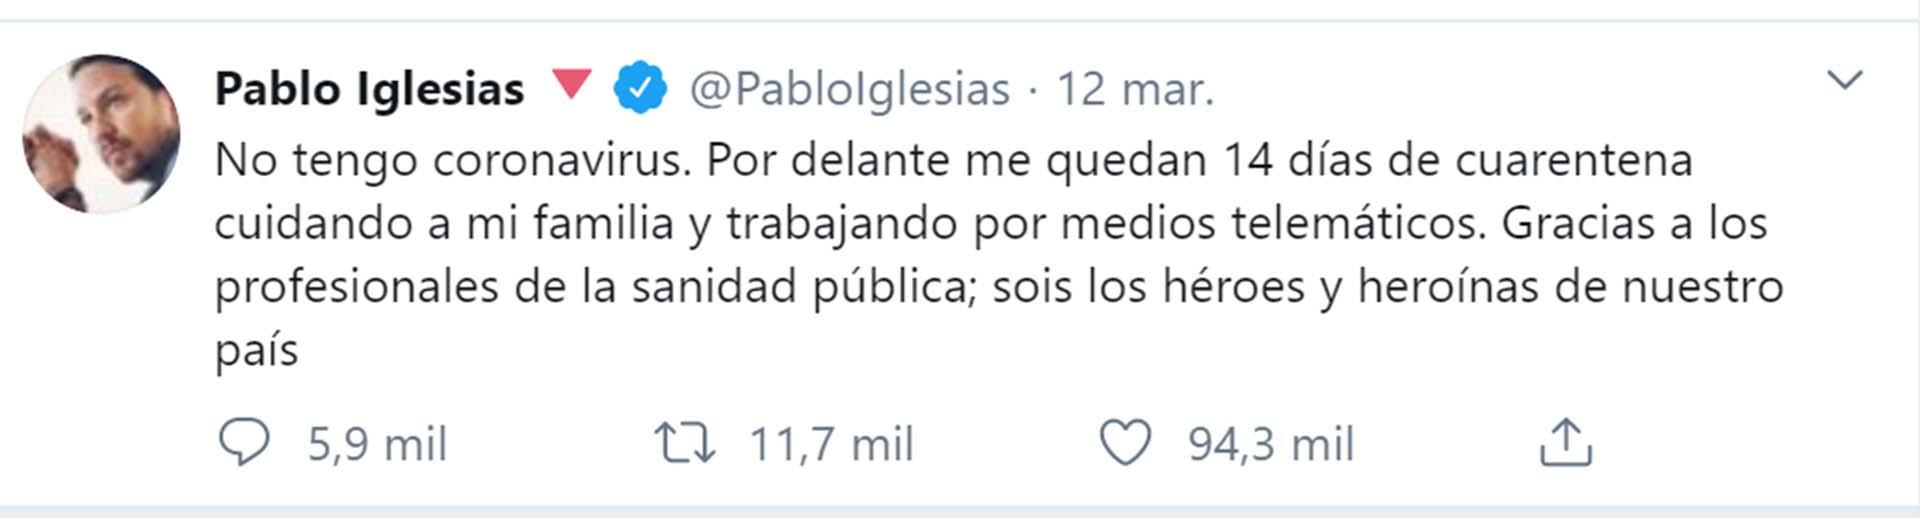 El 12 de marzo, hace dos días, Iglesias decía en Twitter que iba a hacer cuarentena